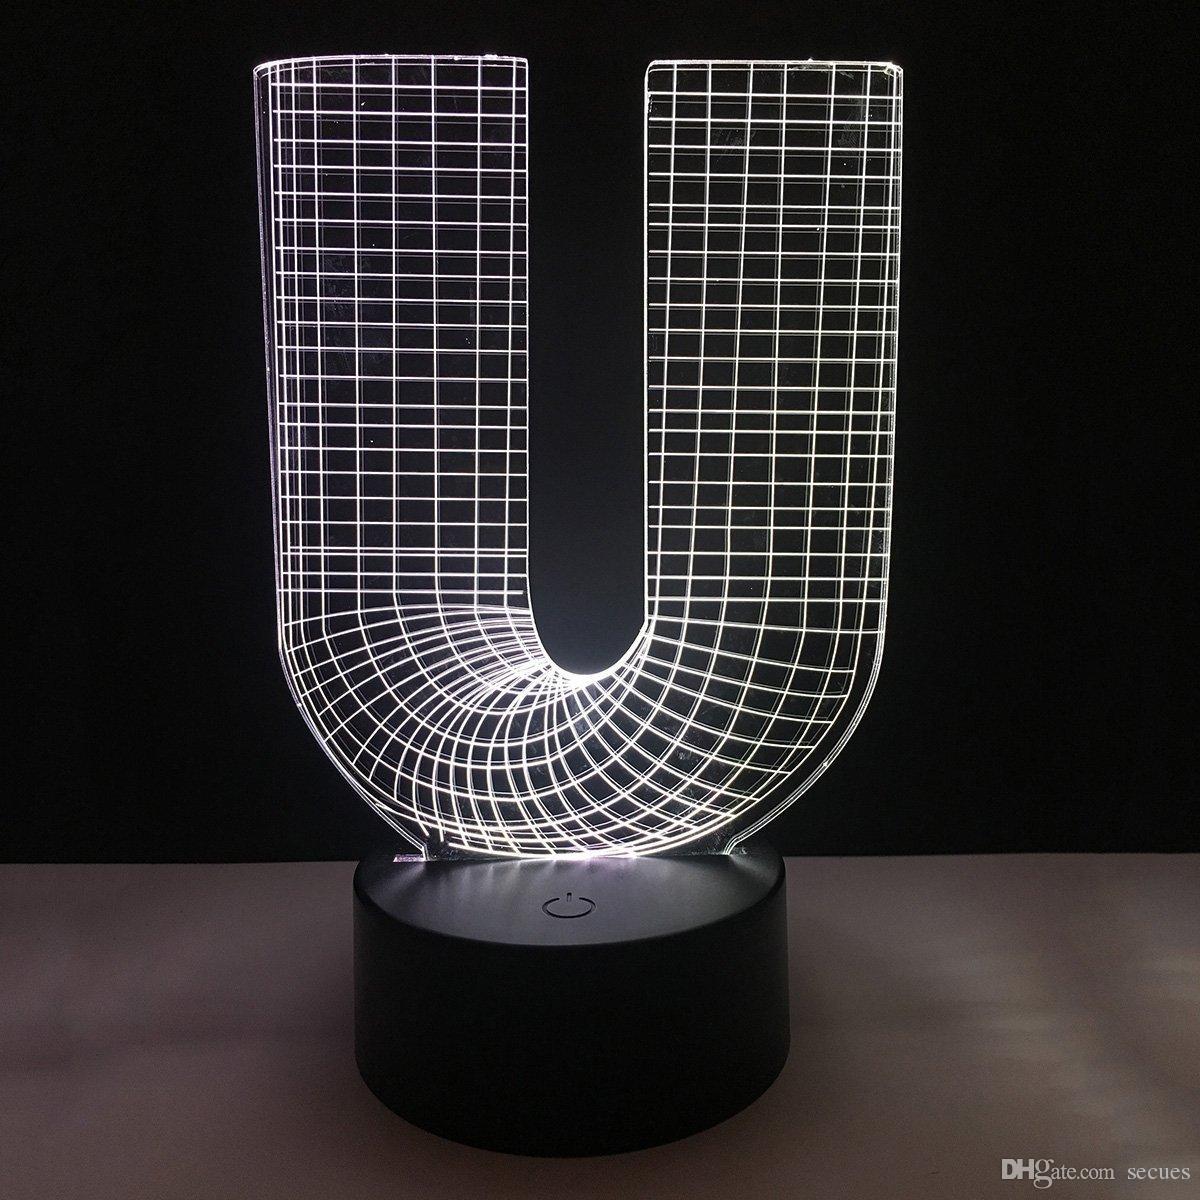 acquista la nuova lettera u di progettazione 3d illusione led della